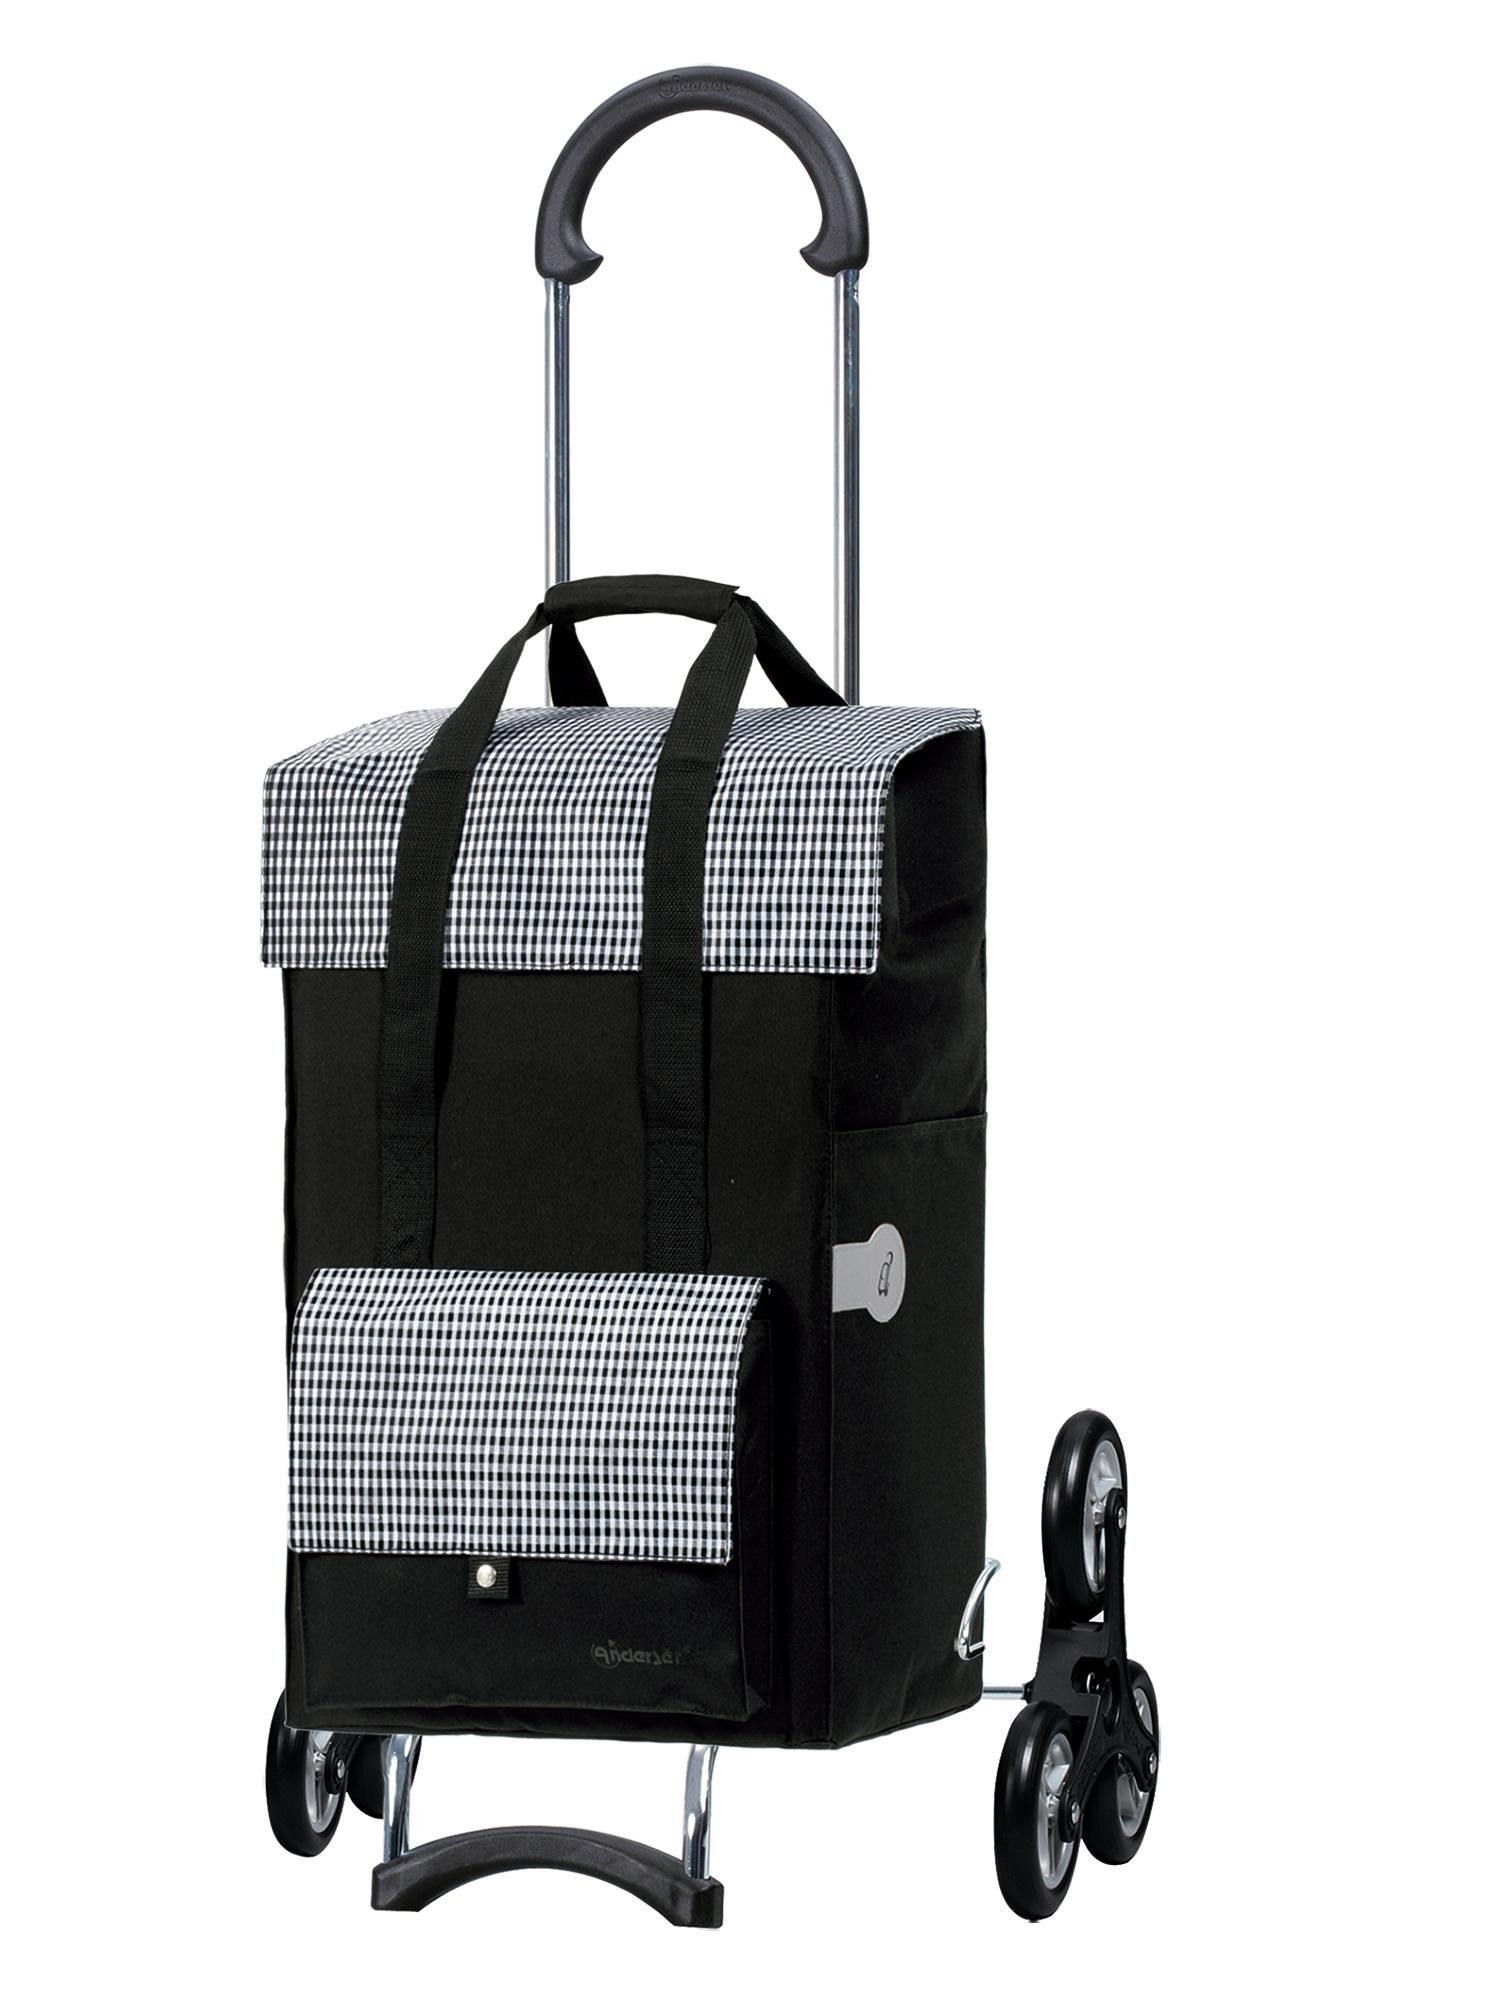 Andersen Einkaufstrolley Scala Shopper Milla, MADE IN GERMANY, 49 Liter | Taschen > Handtaschen > Einkaufstasche | Andersen